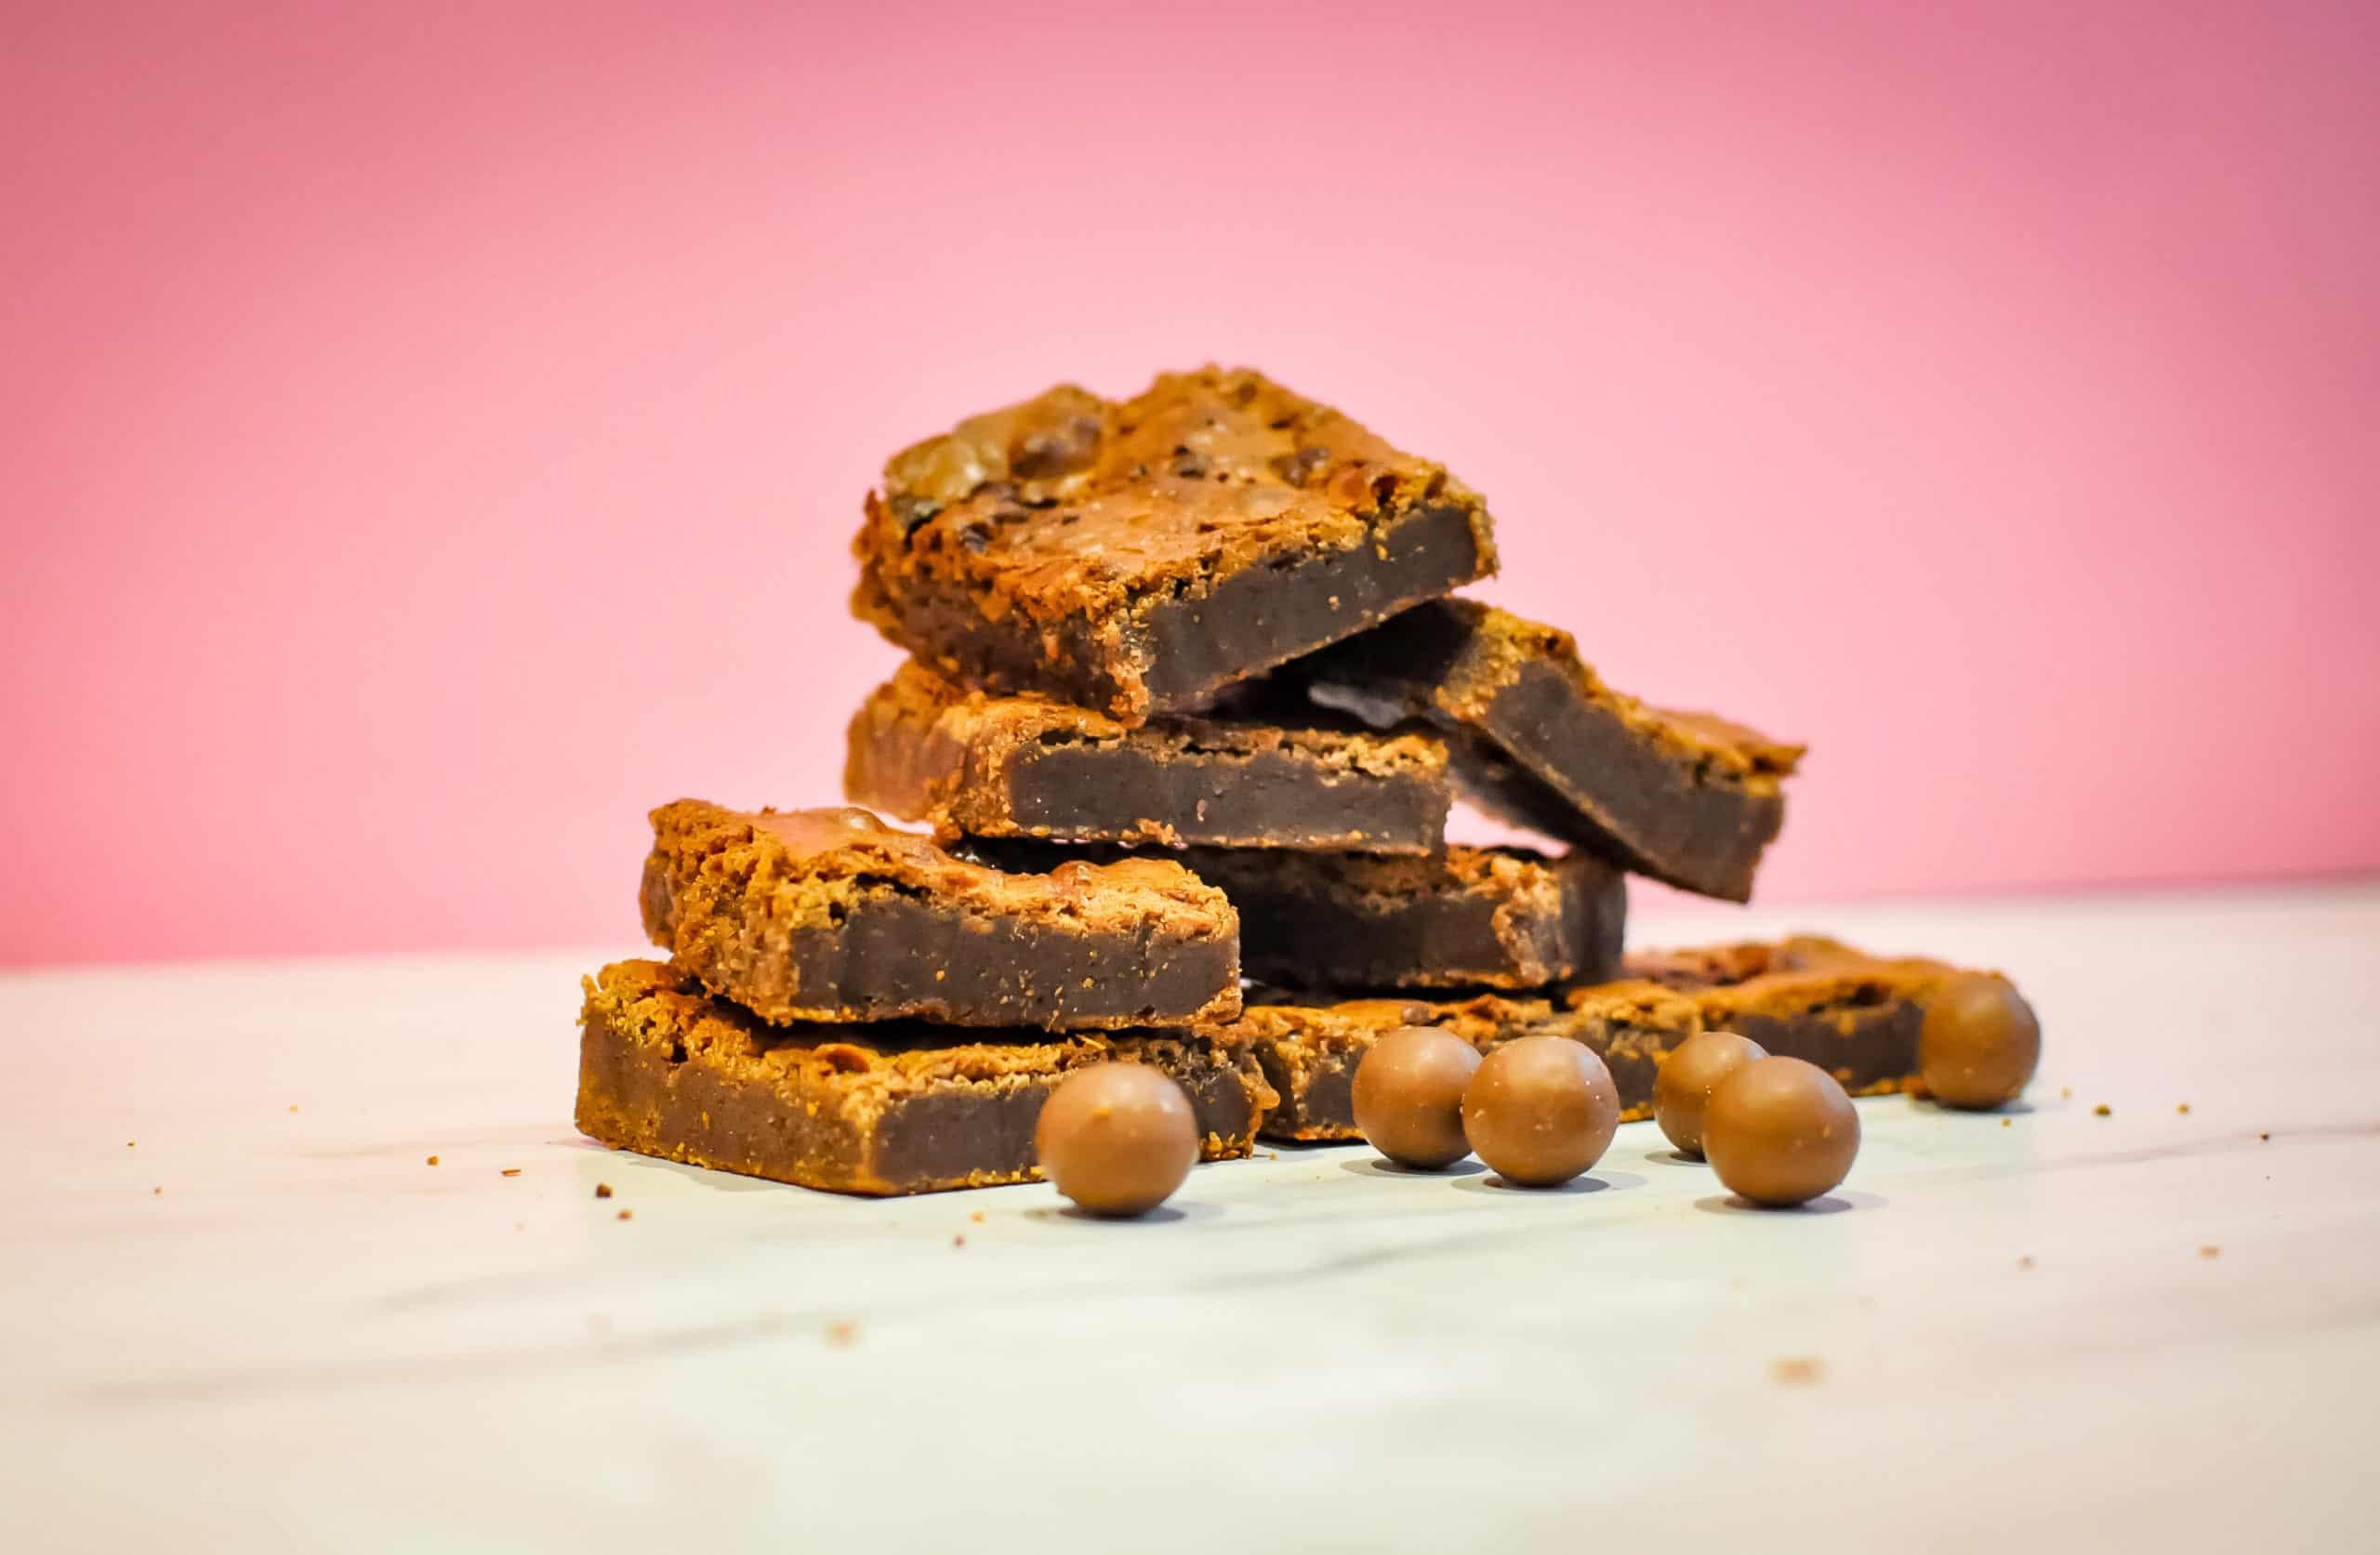 Luxury Box of Malteser Chocolate Brownies Gallery Image